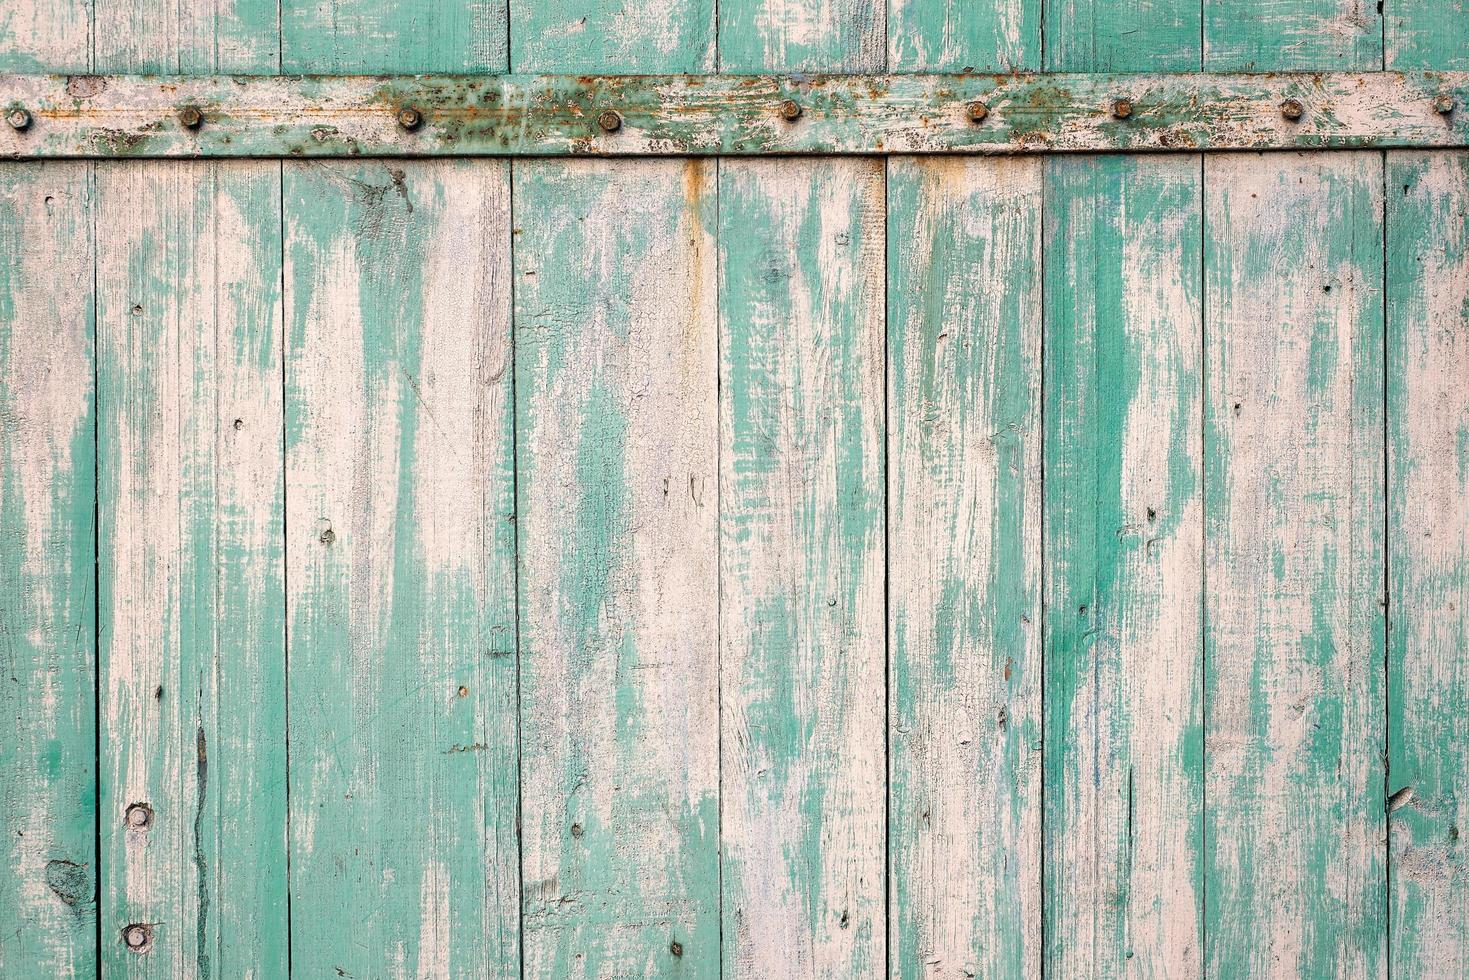 Textura de fondo rústico de madera vieja con pintura azul claro descascarada con elementos metálicos oxidados. foto